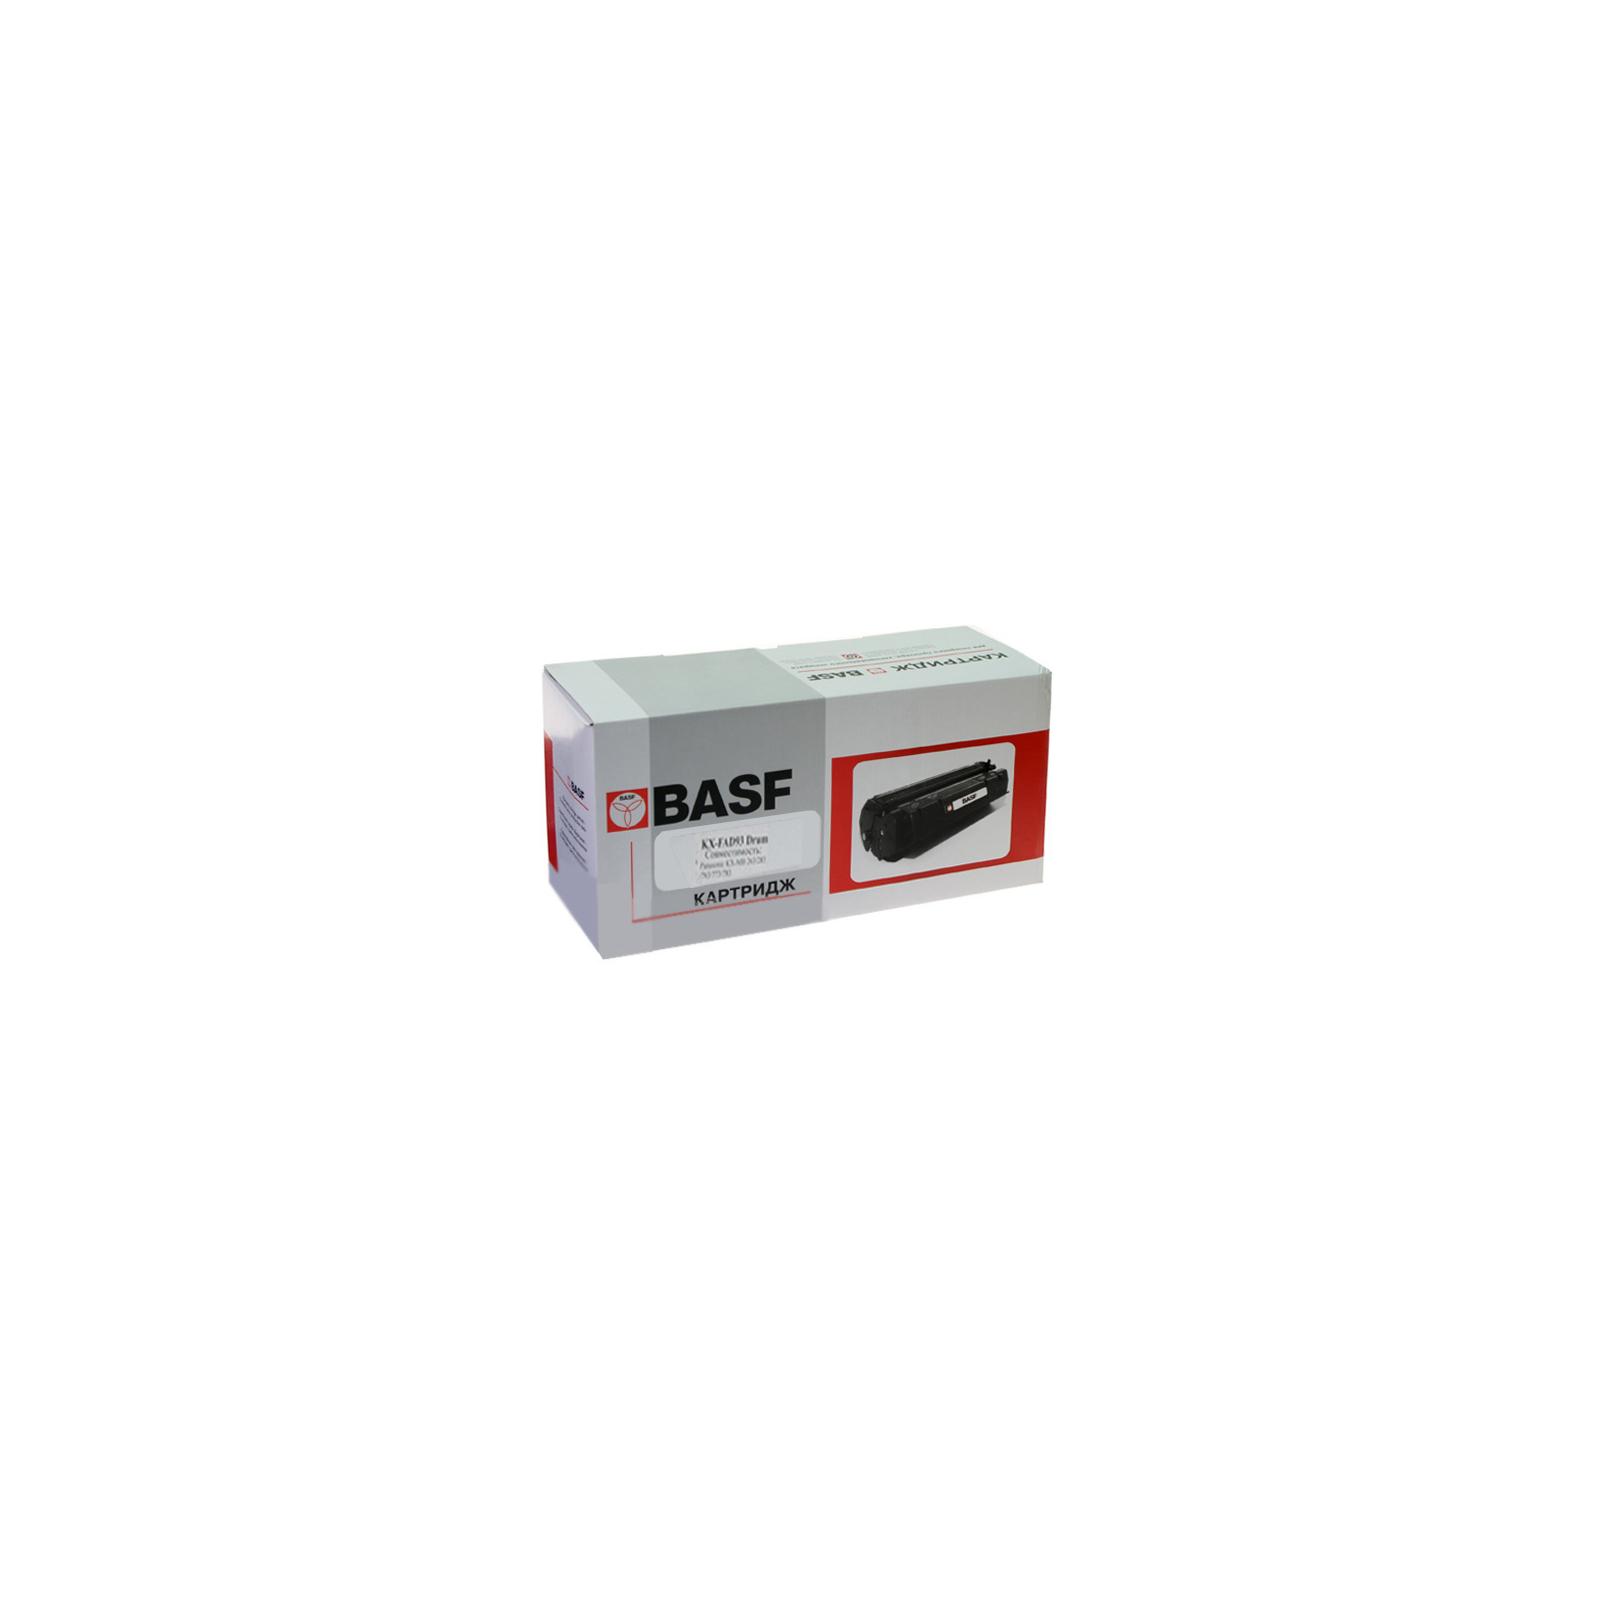 Драм картридж BASF для Panasonic KX-MB263/763/773 (B-KX-FAD93A7)